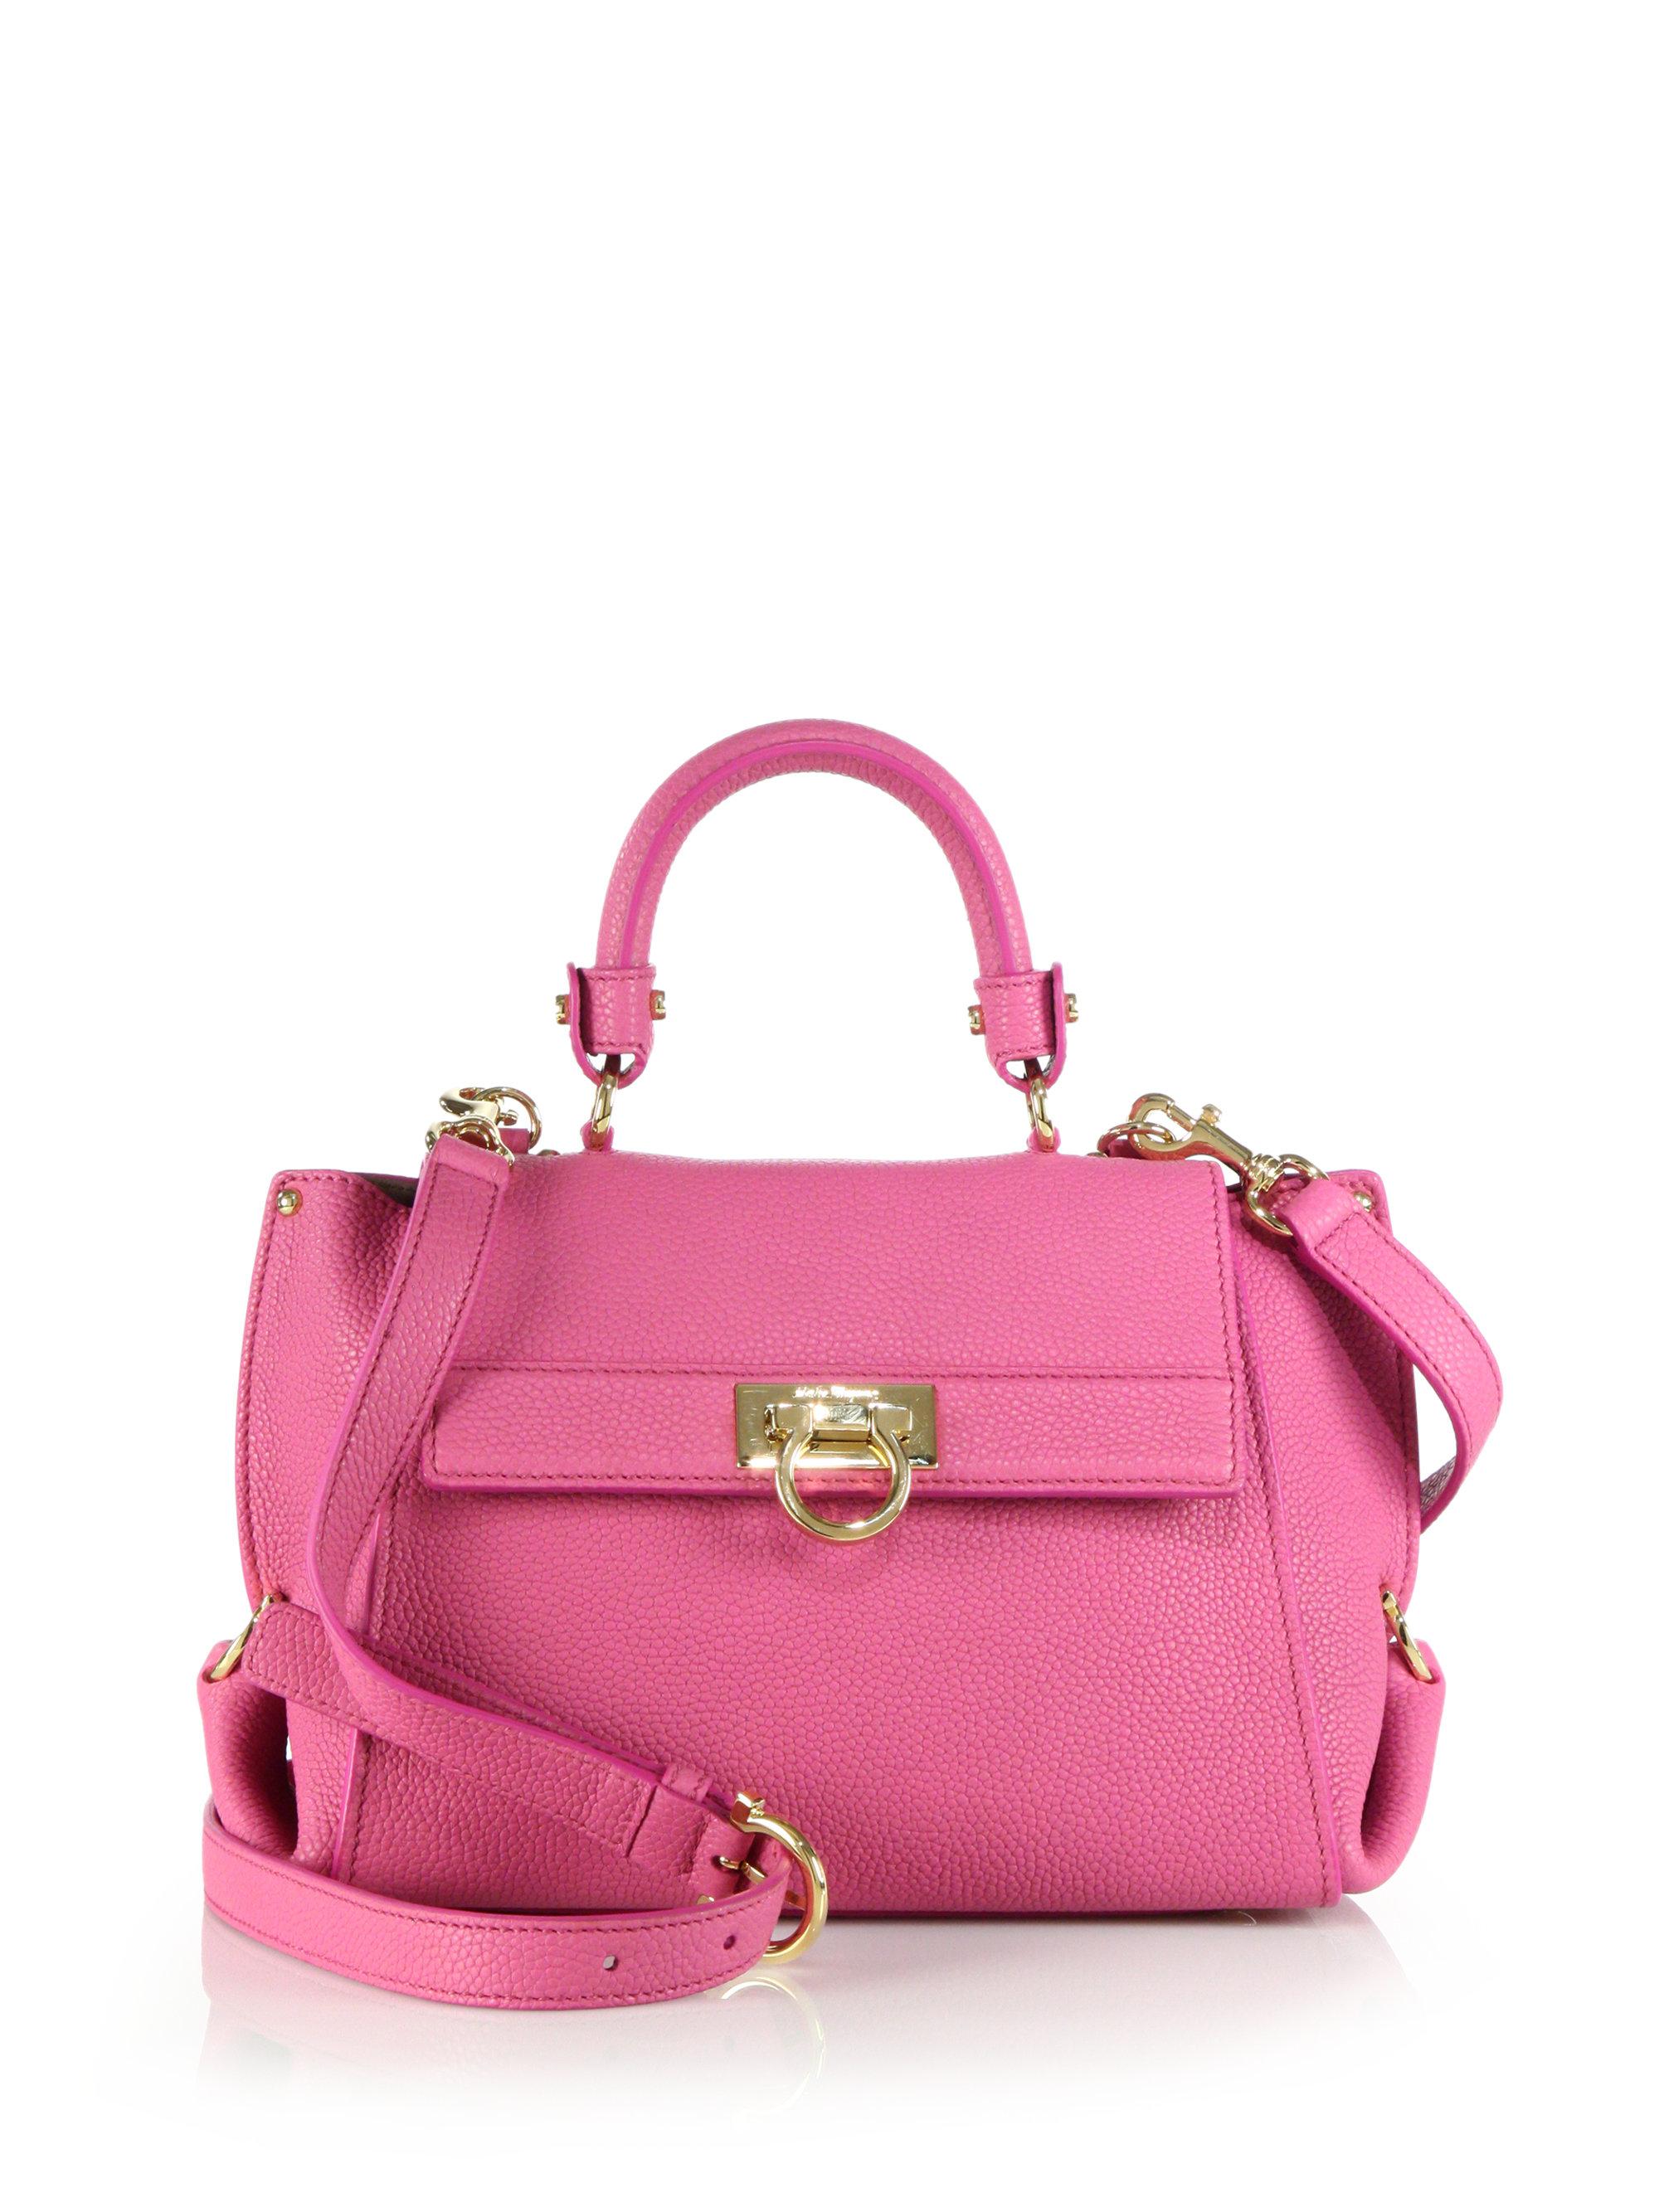 Lyst - Ferragamo Sofia Small Leather Satchel in Pink 1e1d2a370e76f